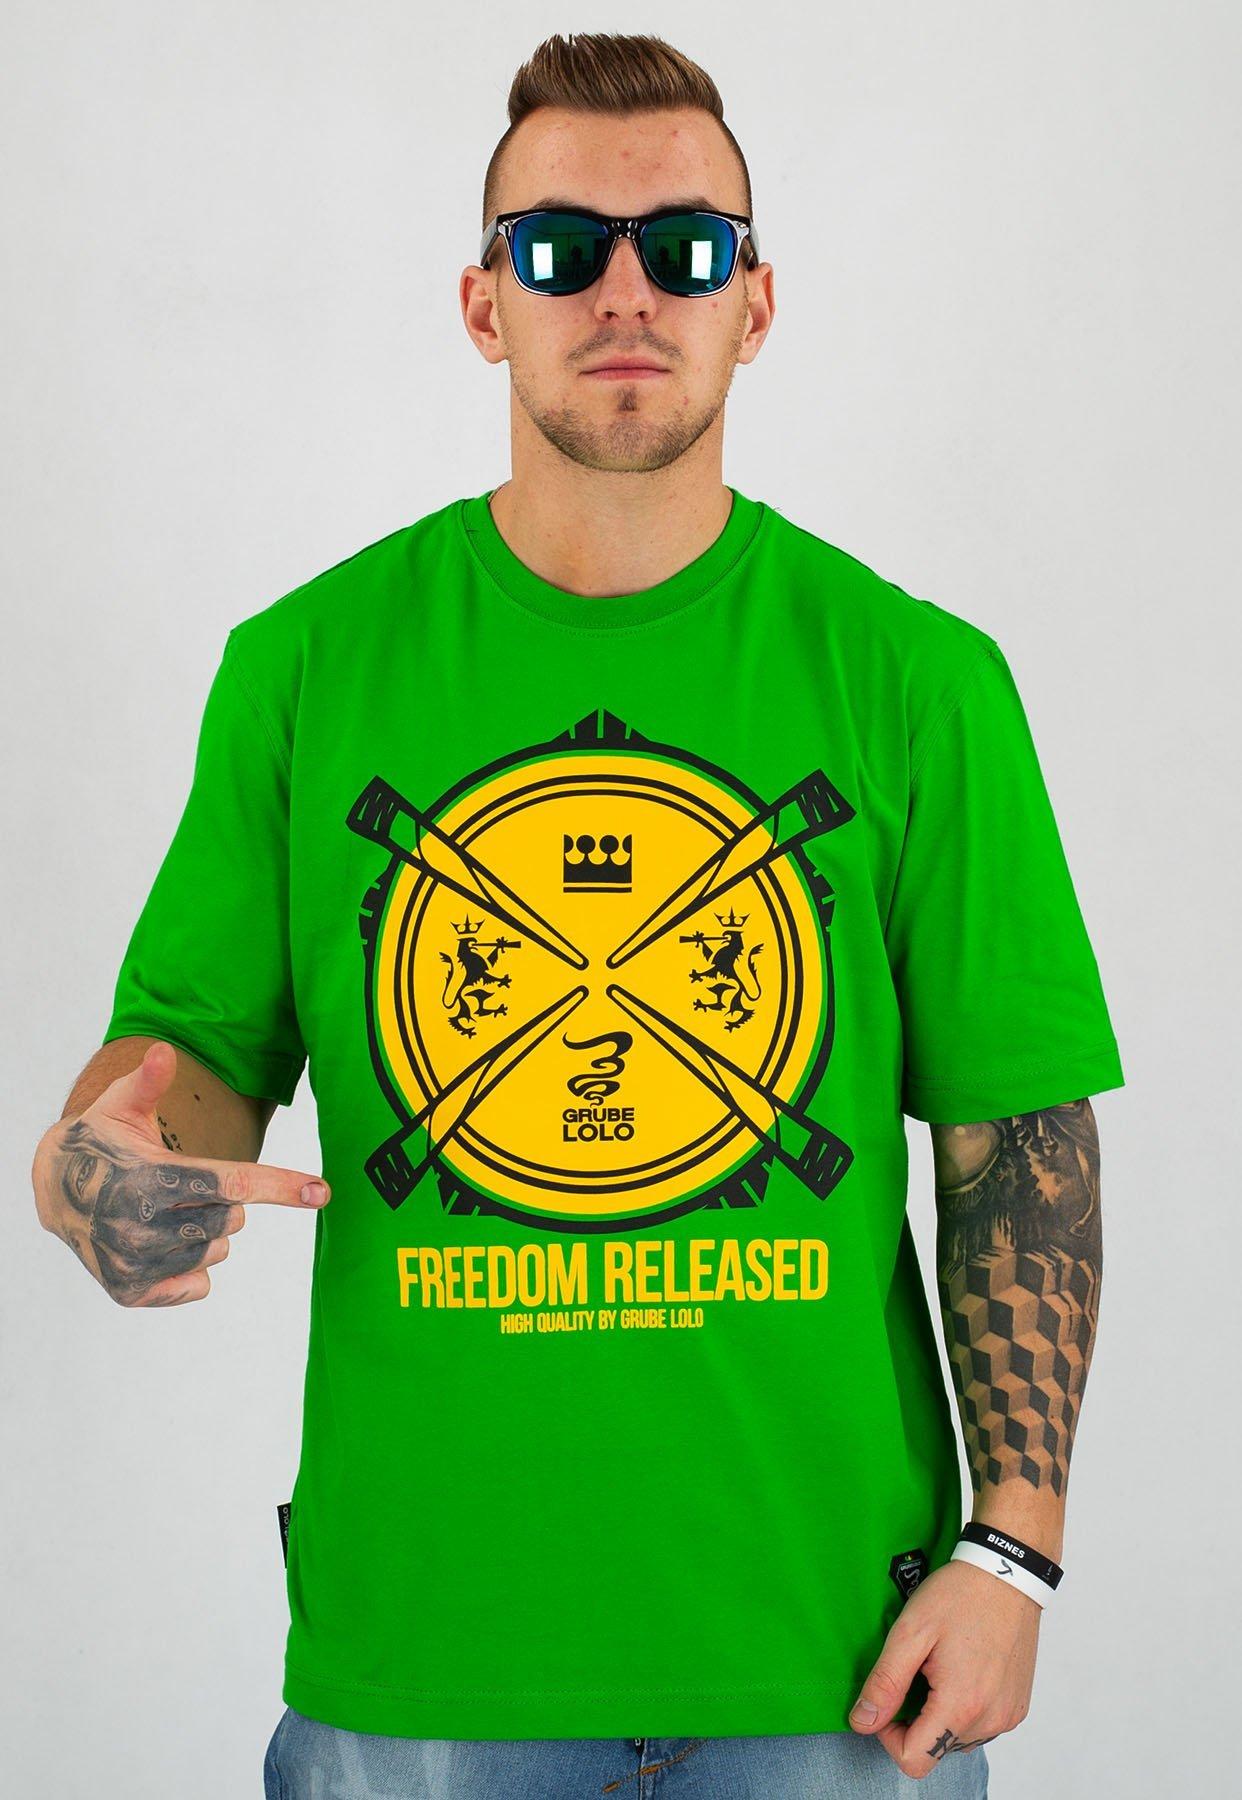 wyprzedaż w sklepie wyprzedażowym popularna marka niska cena sprzedaży T-shirt Grube Lolo Freedom zielony